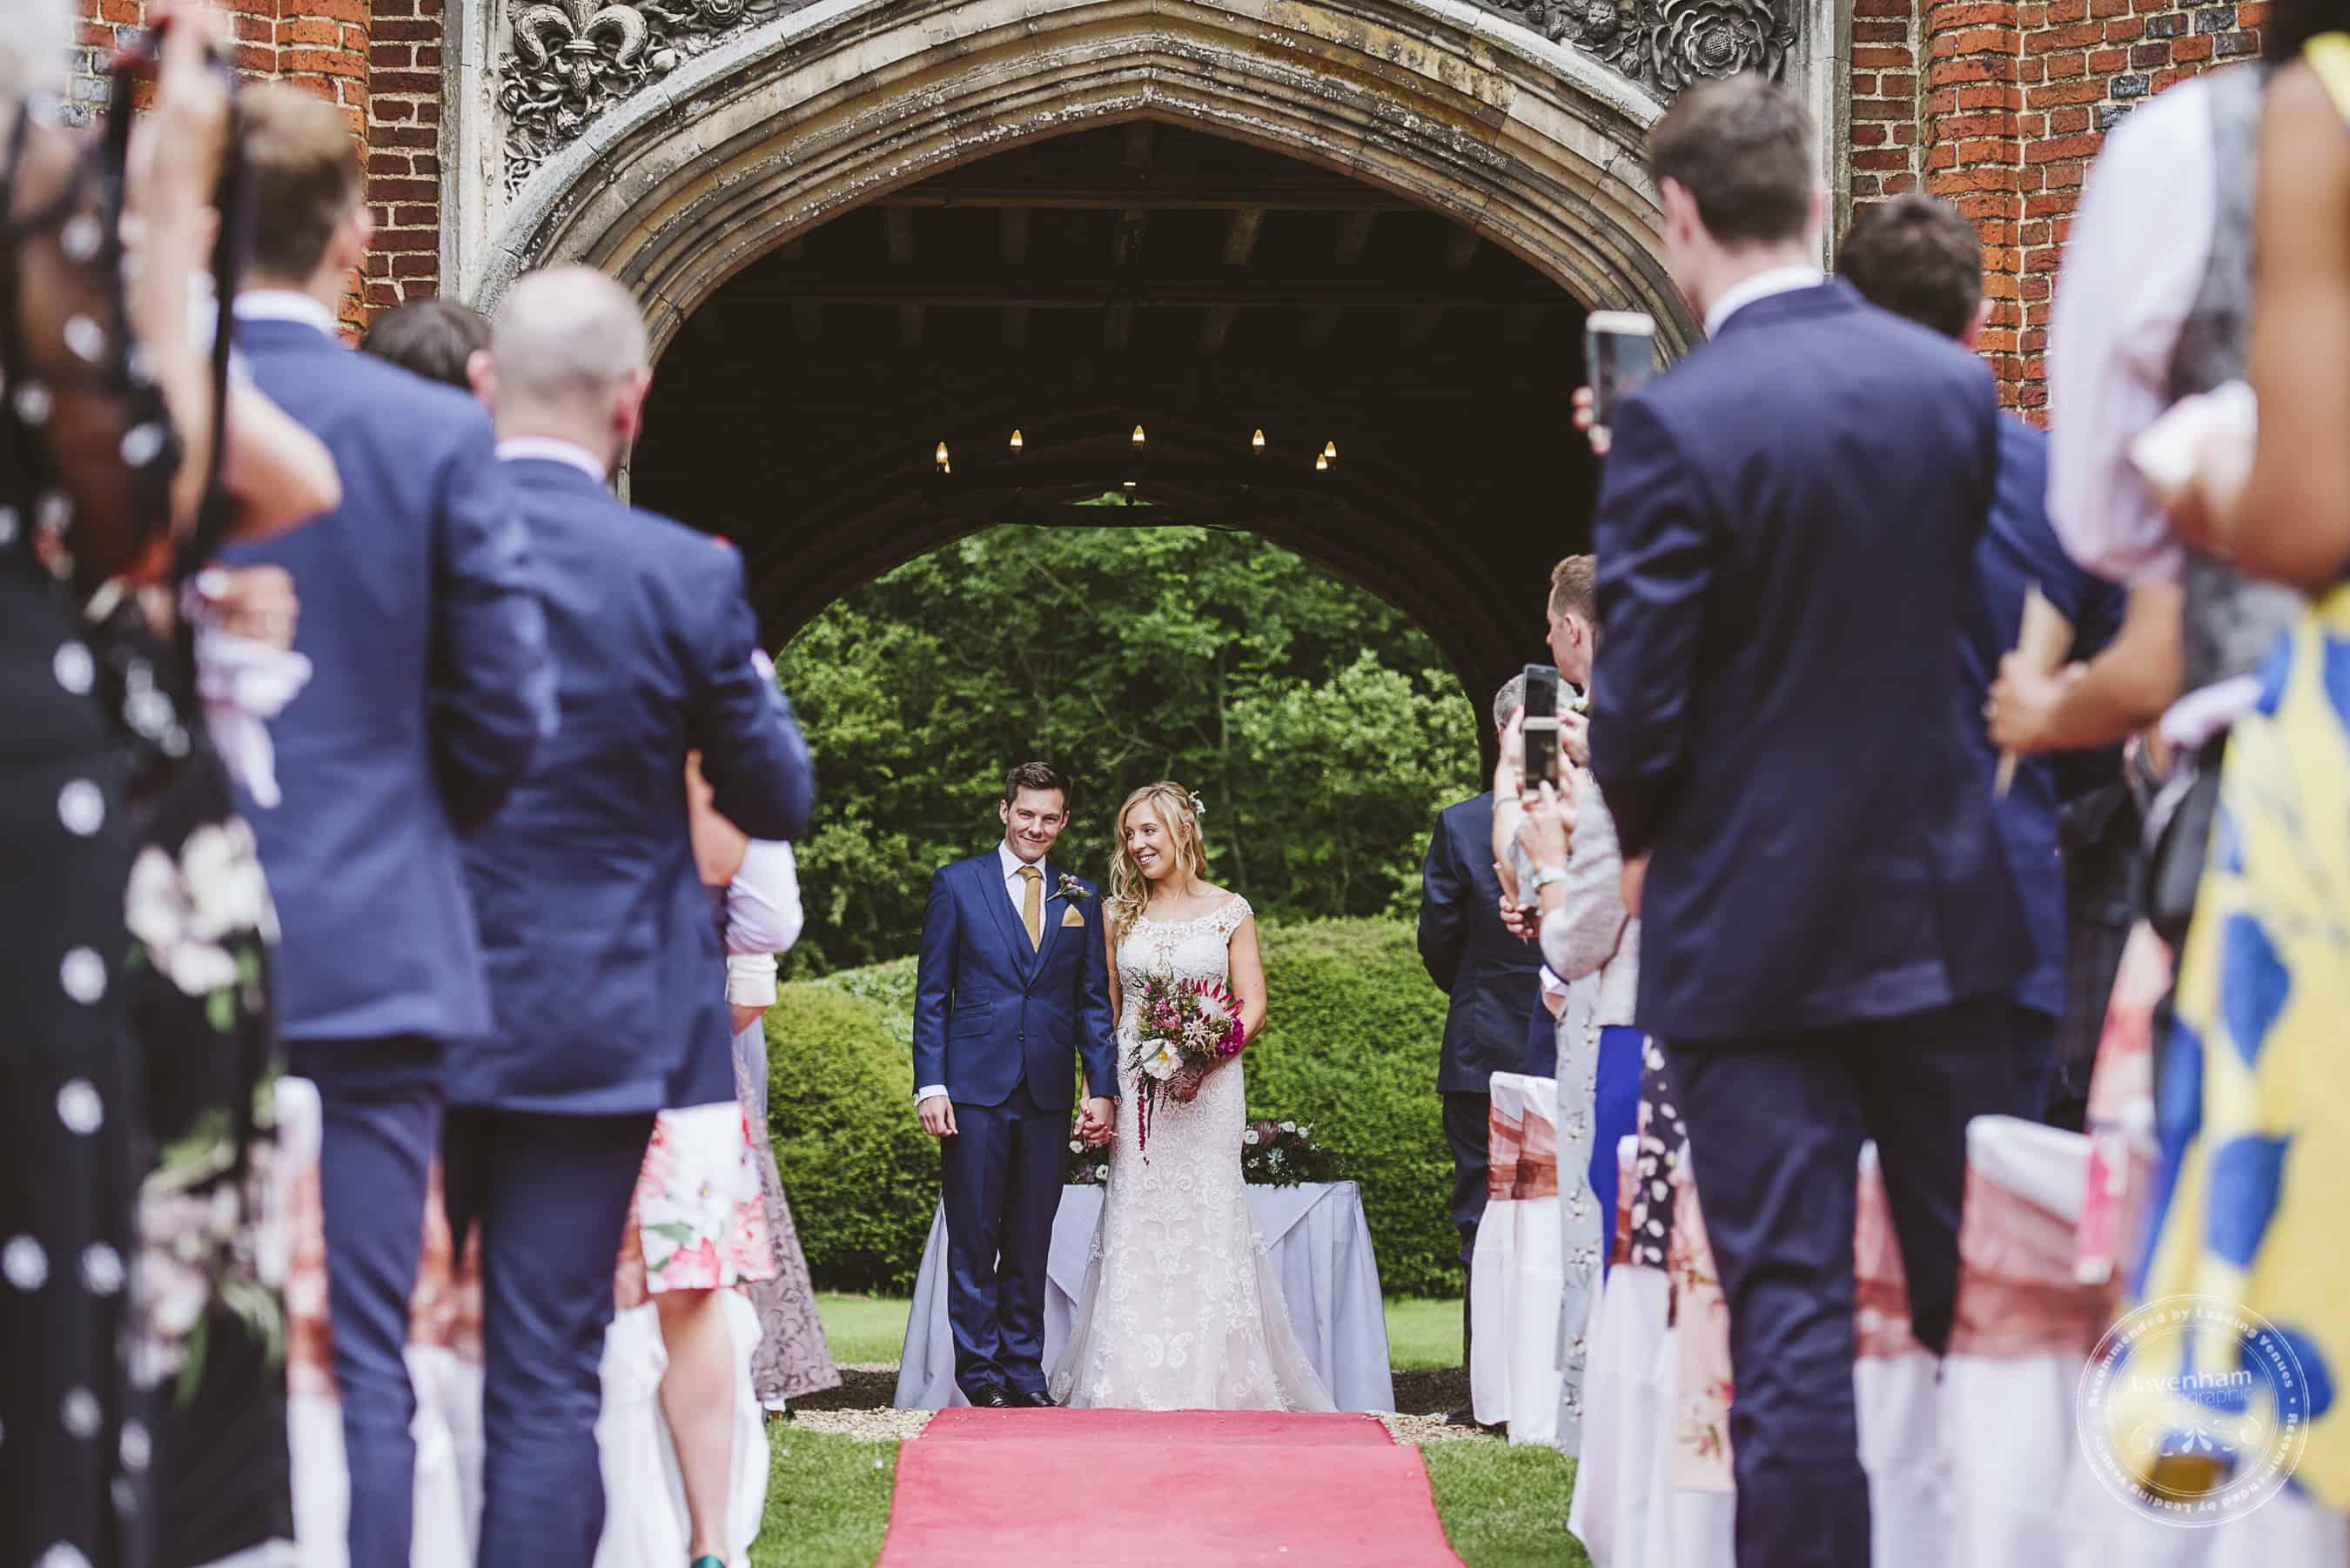 020618 Leez Priory Wedding Photography Lavenham Photographic 063